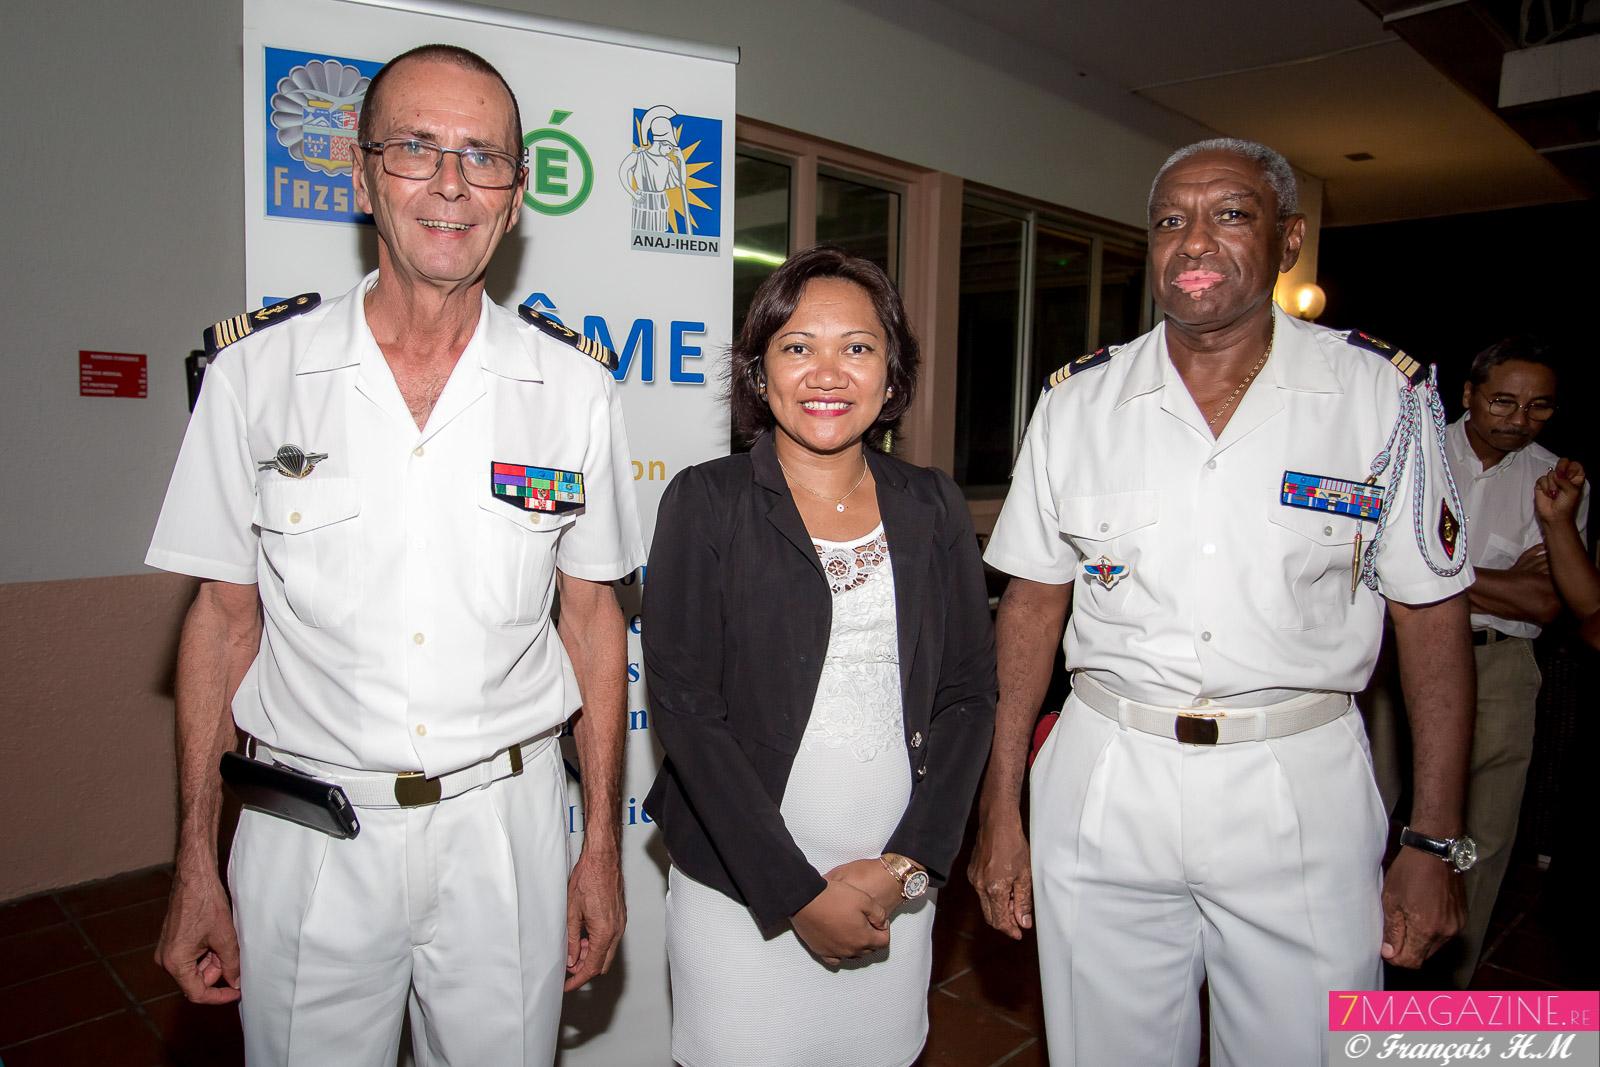 Bernard Salva, Mialy Andrianaivo, et commandant Jean-Michel Gardoque, réserviste opérationnel au 2ème RPIMa